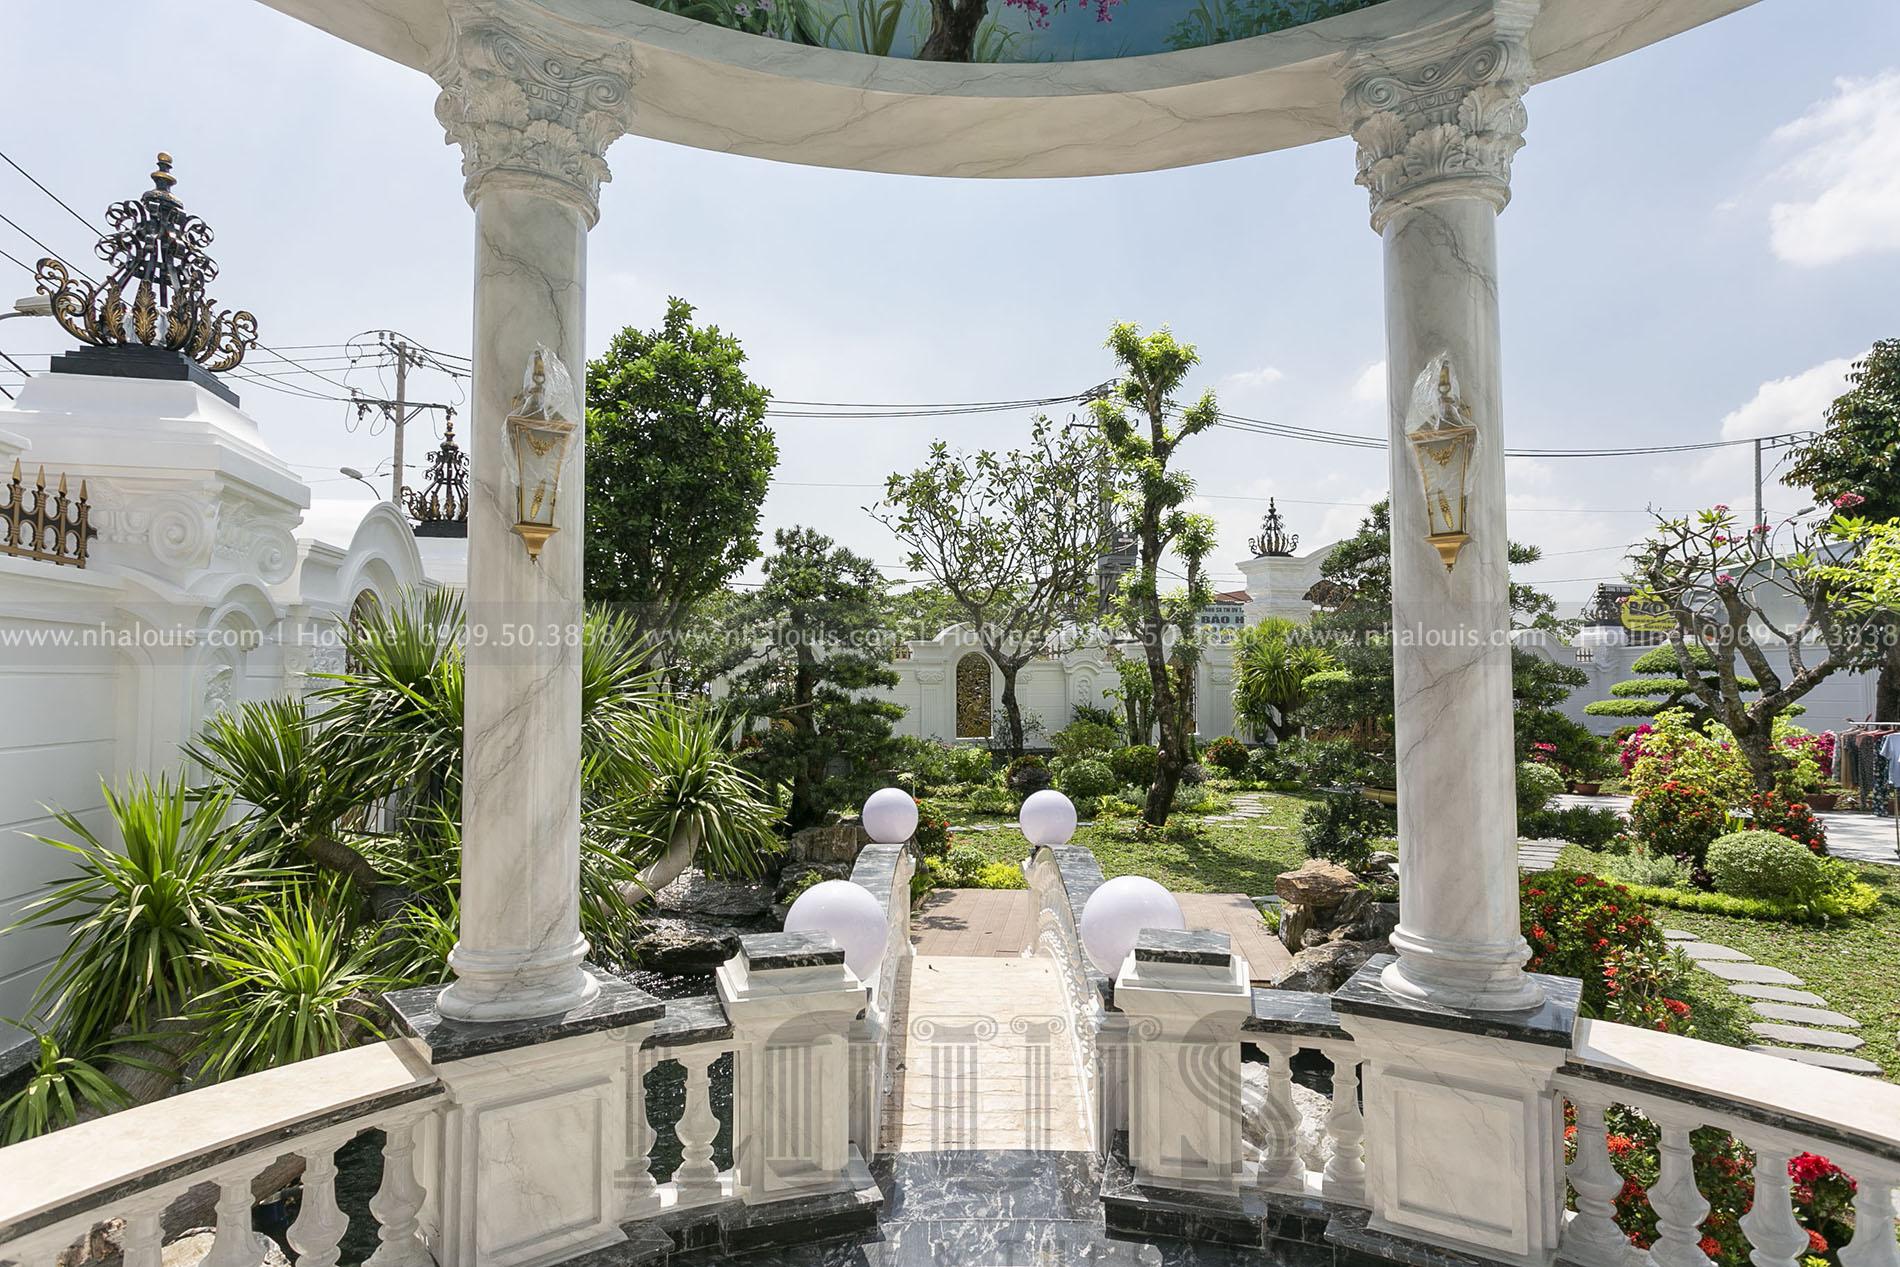 thi công hoàn thiện sân vườn biệt thự cổ điển Nhà Bè